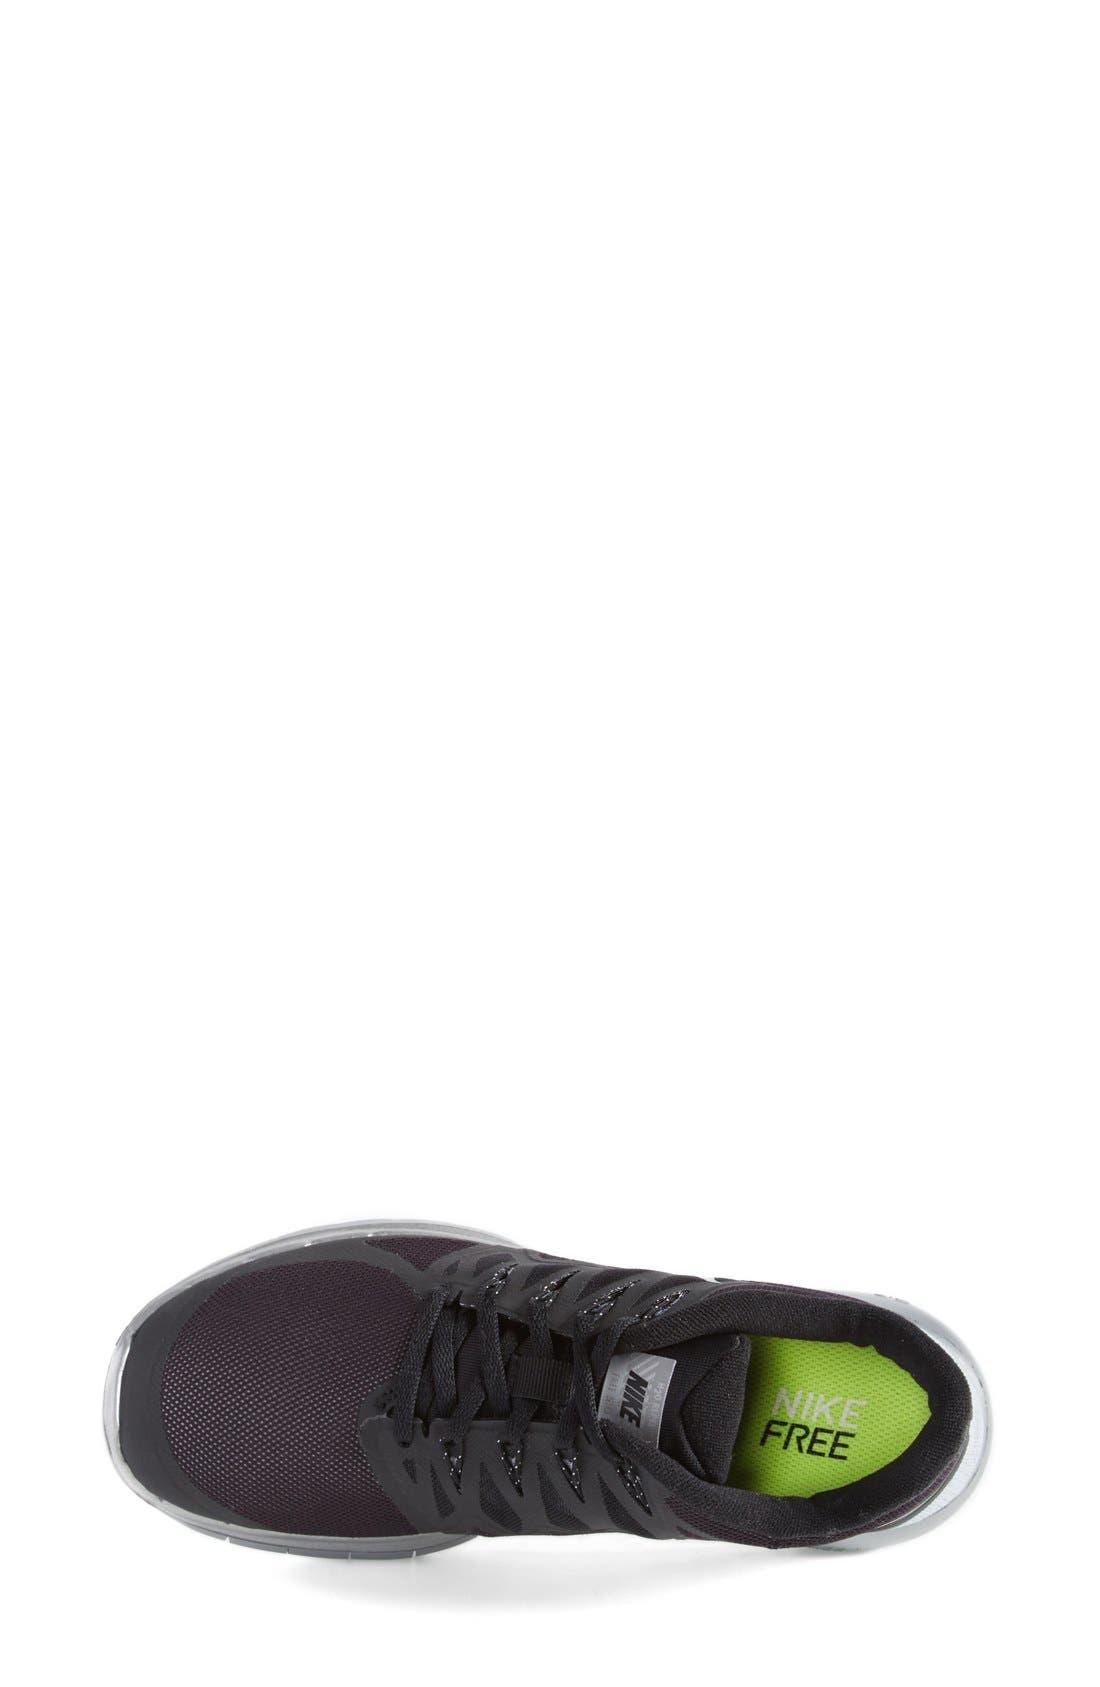 Alternate Image 3  - Nike 'Free 5.0 Flash' Running Shoe (Women)